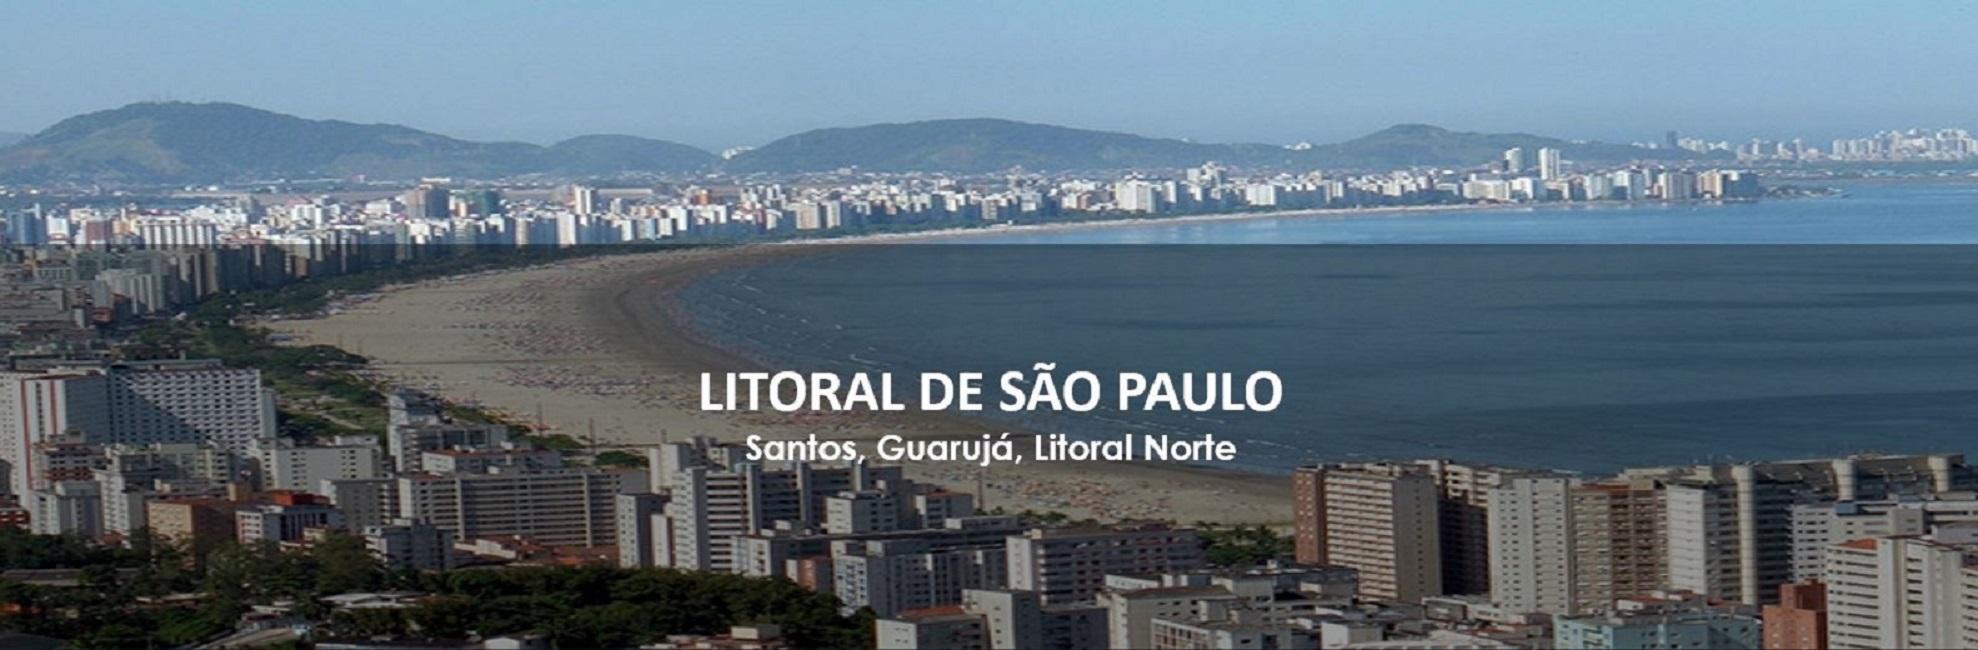 Litoral de São Paulo